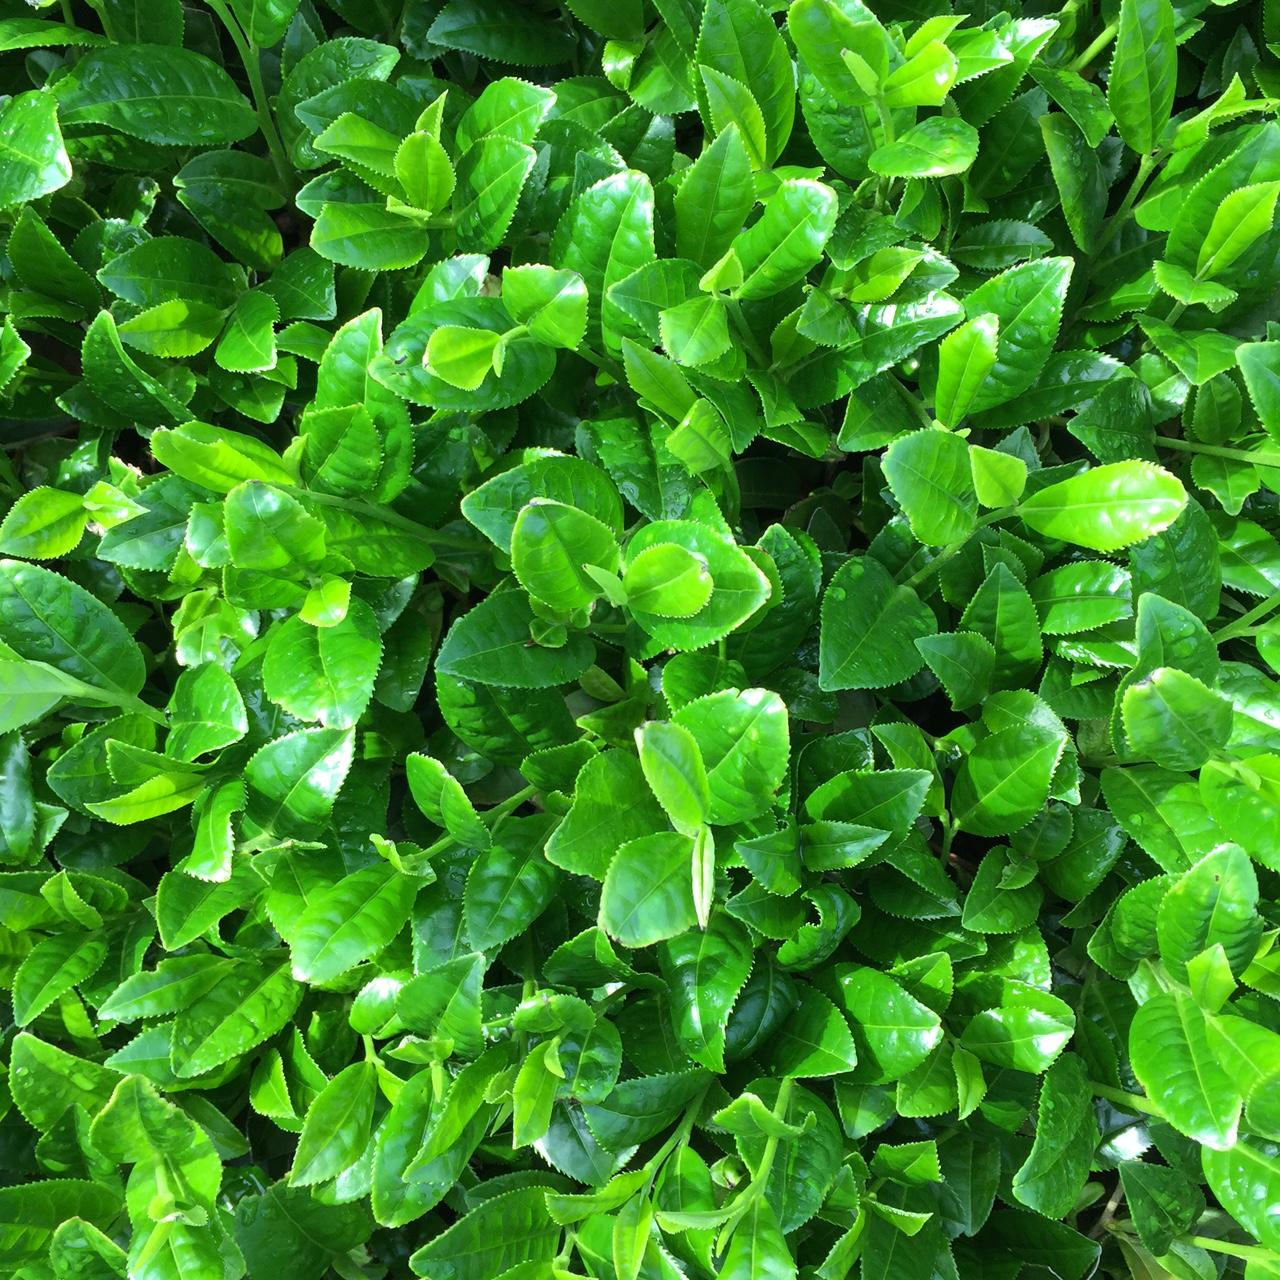 2017年4月25日かごしま緑茶の茶園風景です。早生品種ゆたかみどりです。緑が濃くなってきました!。